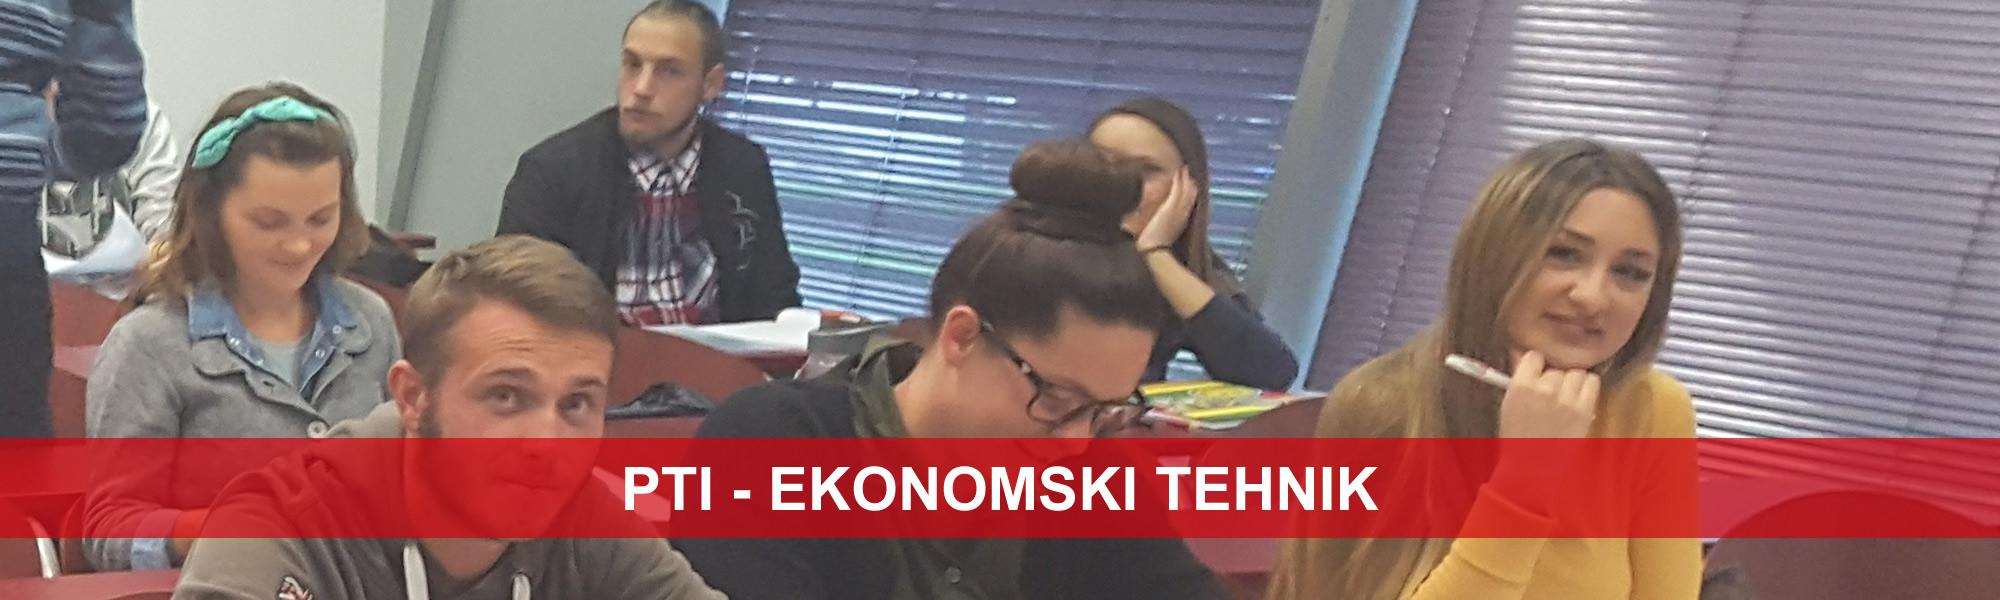 PTI - EKONOMSKI TEHNIK